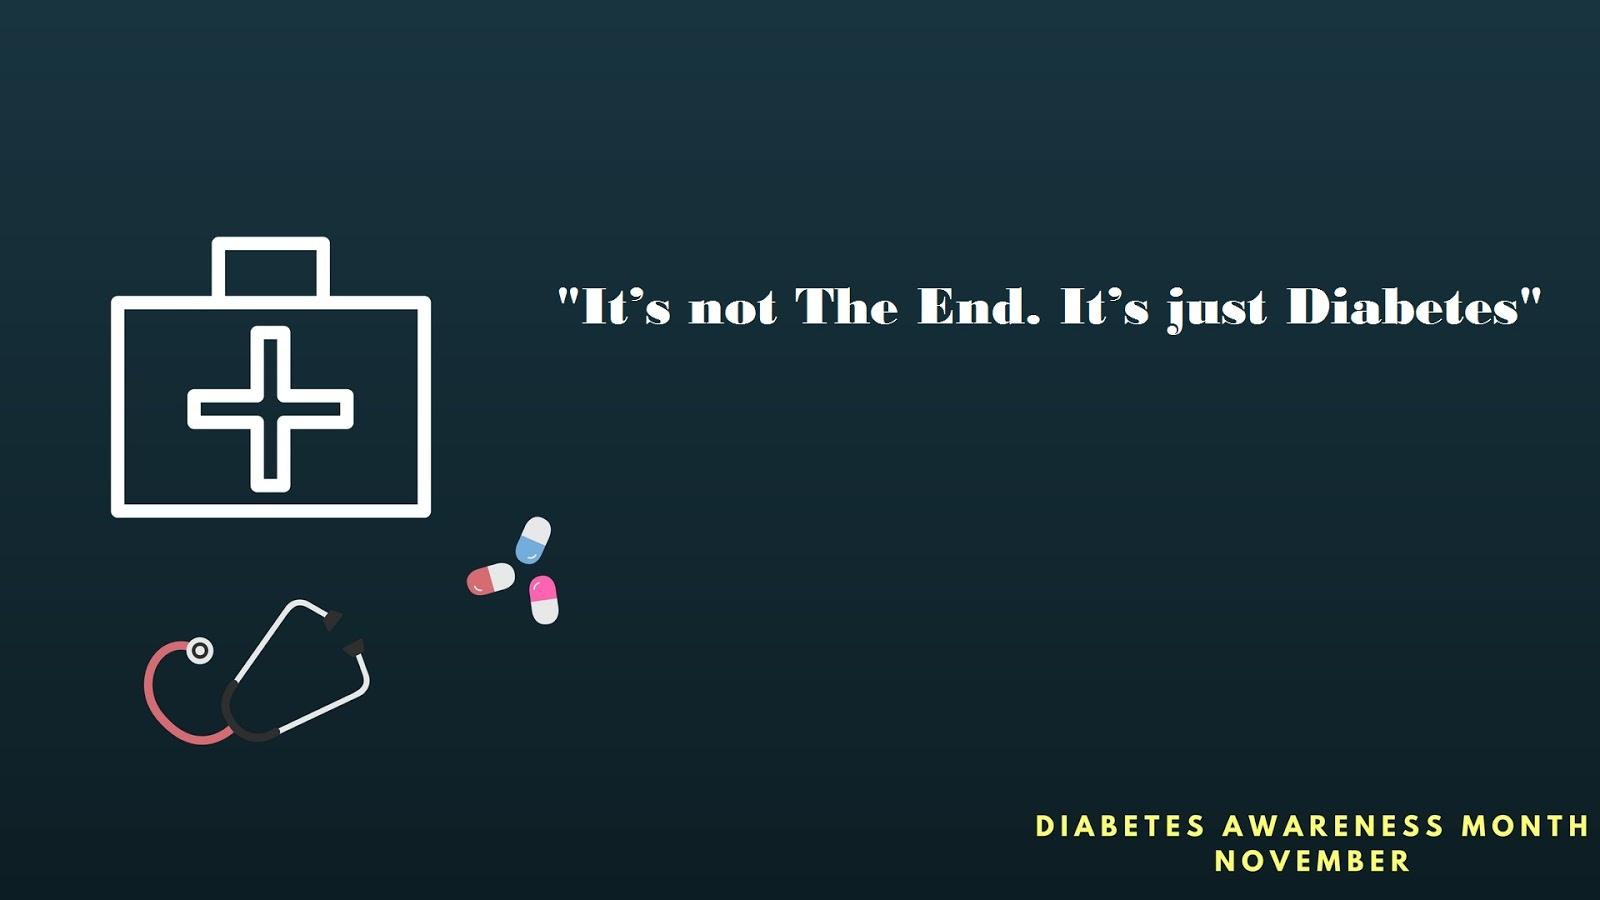 diabetes day slogans